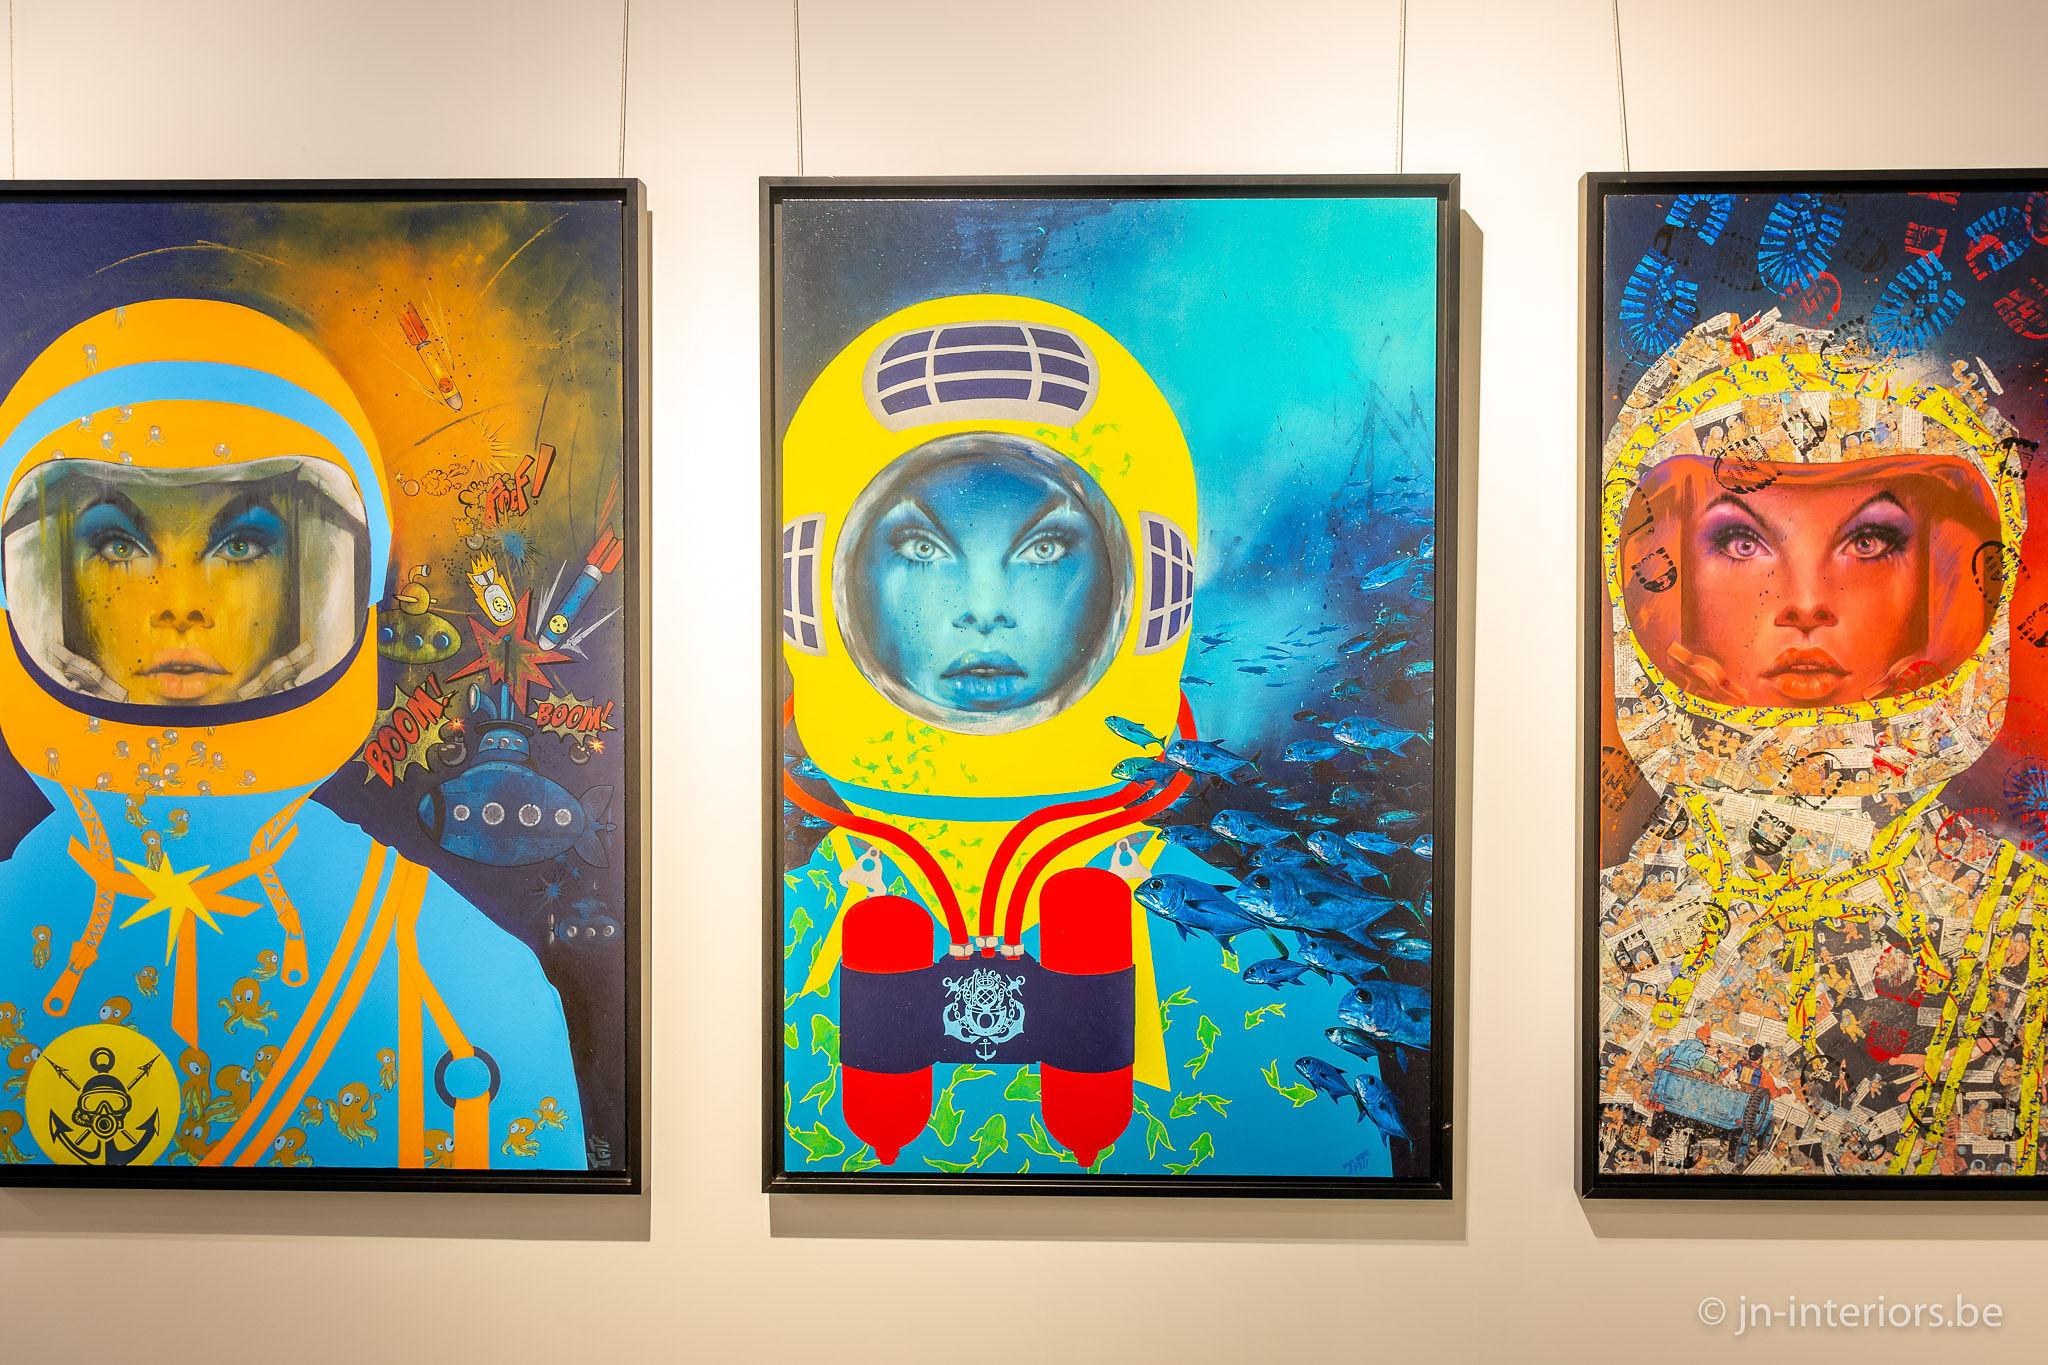 tableaux femmes astronautes, couleurs pop, galerie d'art, artiste belge, magasin de décoration belgique, exposition art, vernissage, galerie d'art, jn interiors, jour et nuit liège verviers